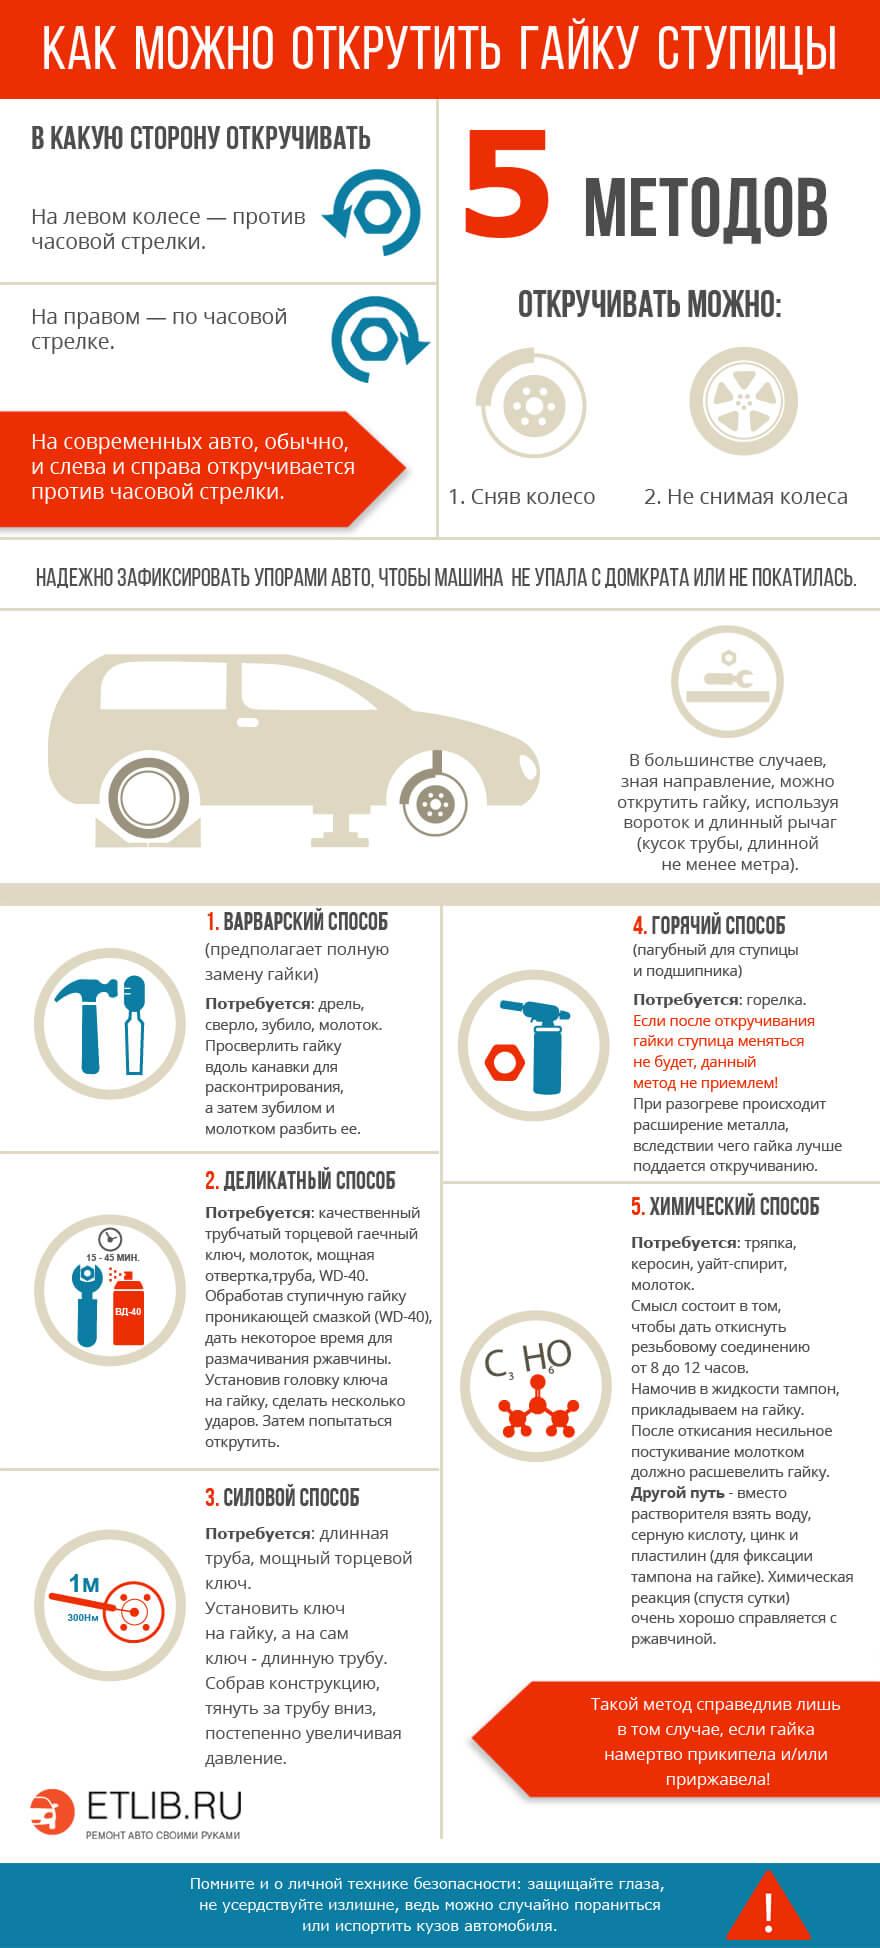 Инфографика: как открутить ступичную гайку, способы